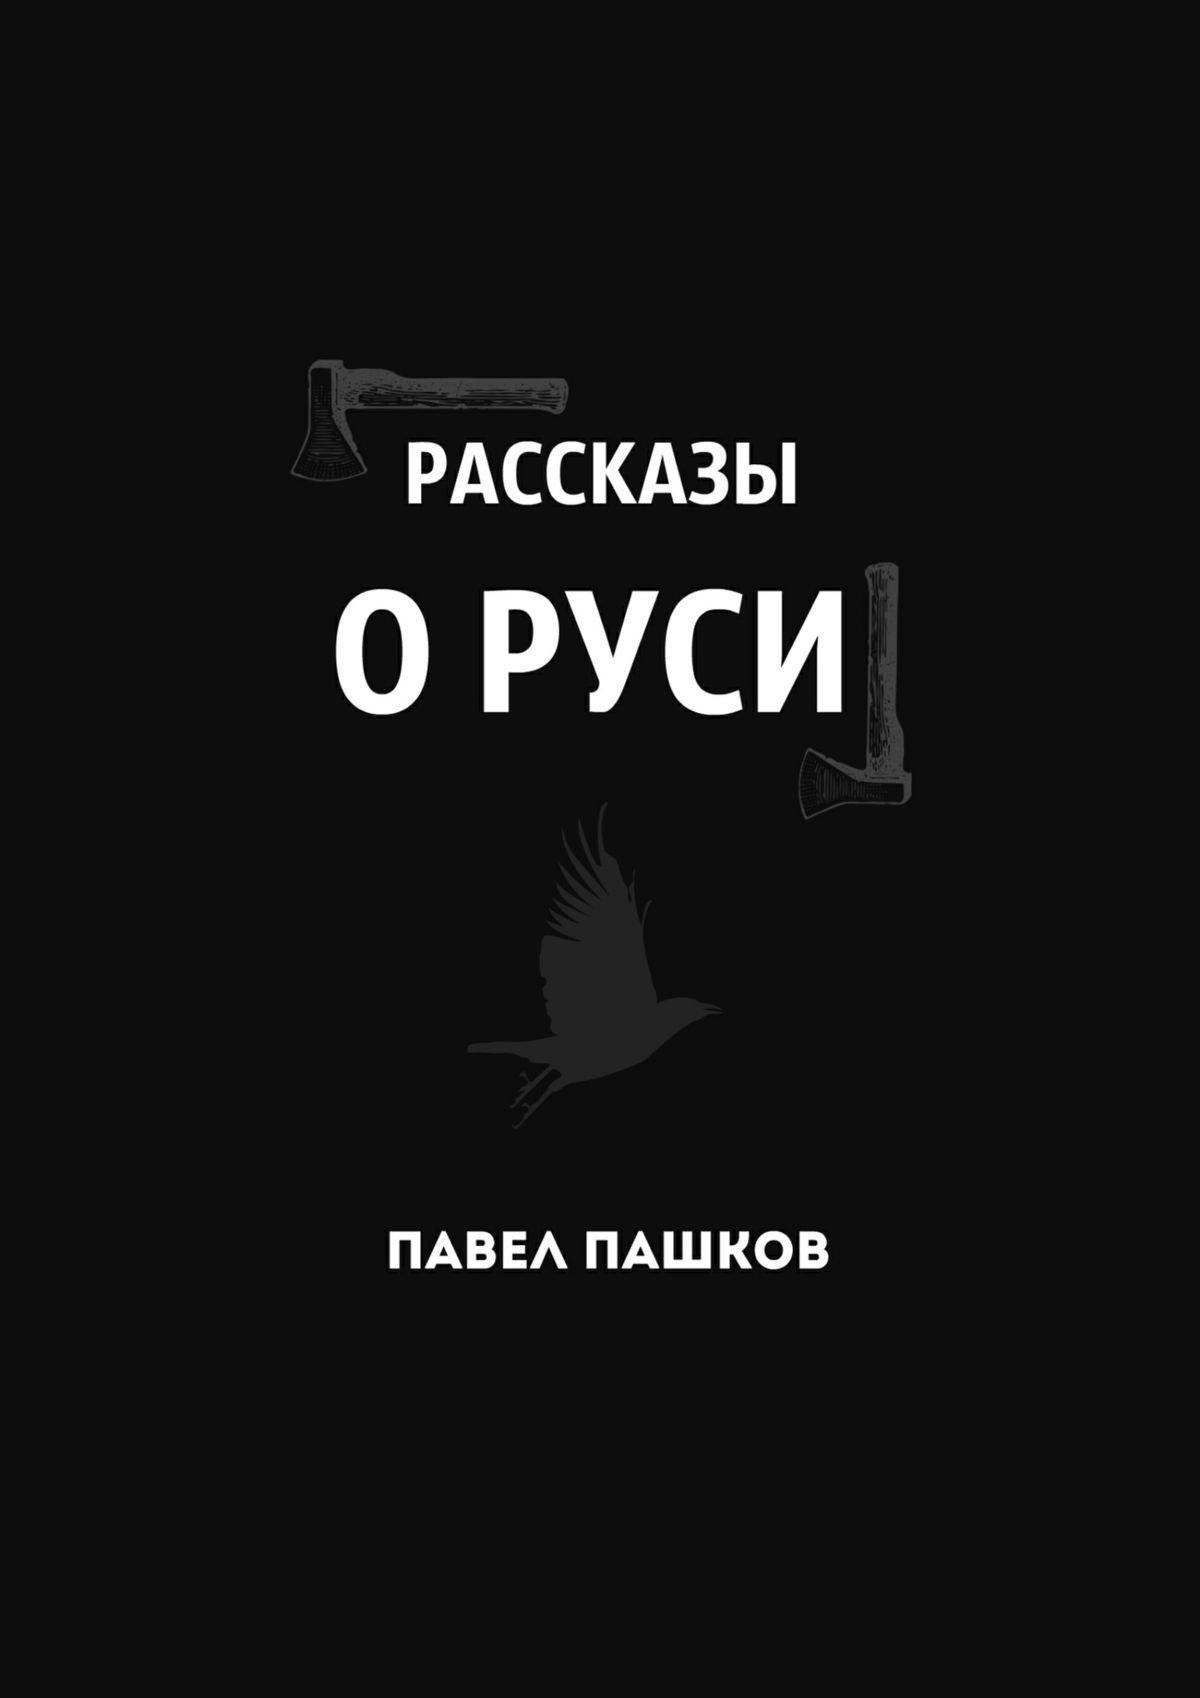 Павел Пашков - Рассказы о Руси